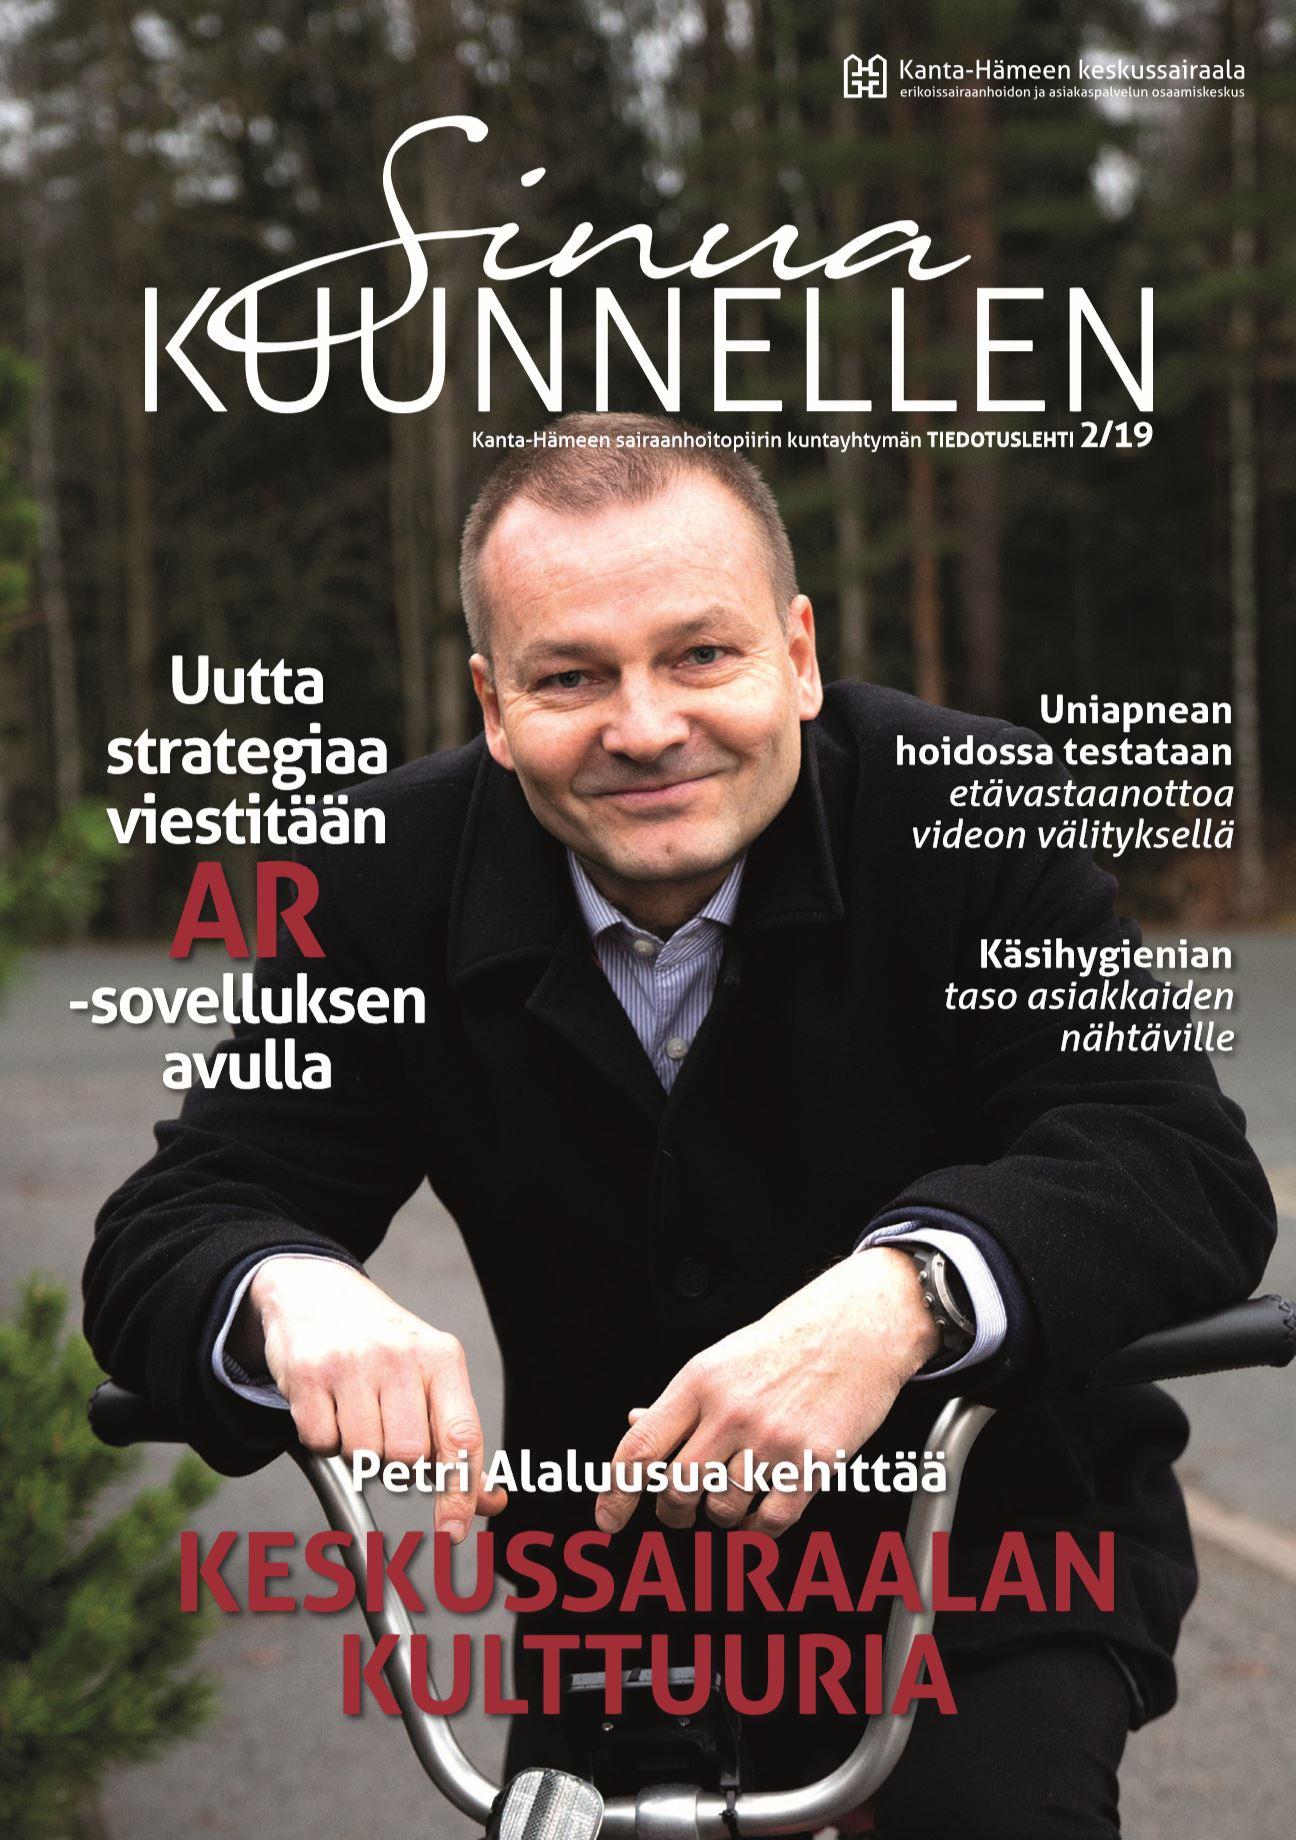 Sinua kuunnellen lehden vuoden 2019 talvinumeron kannessa on Petri Alaluusua pyöräilemässä